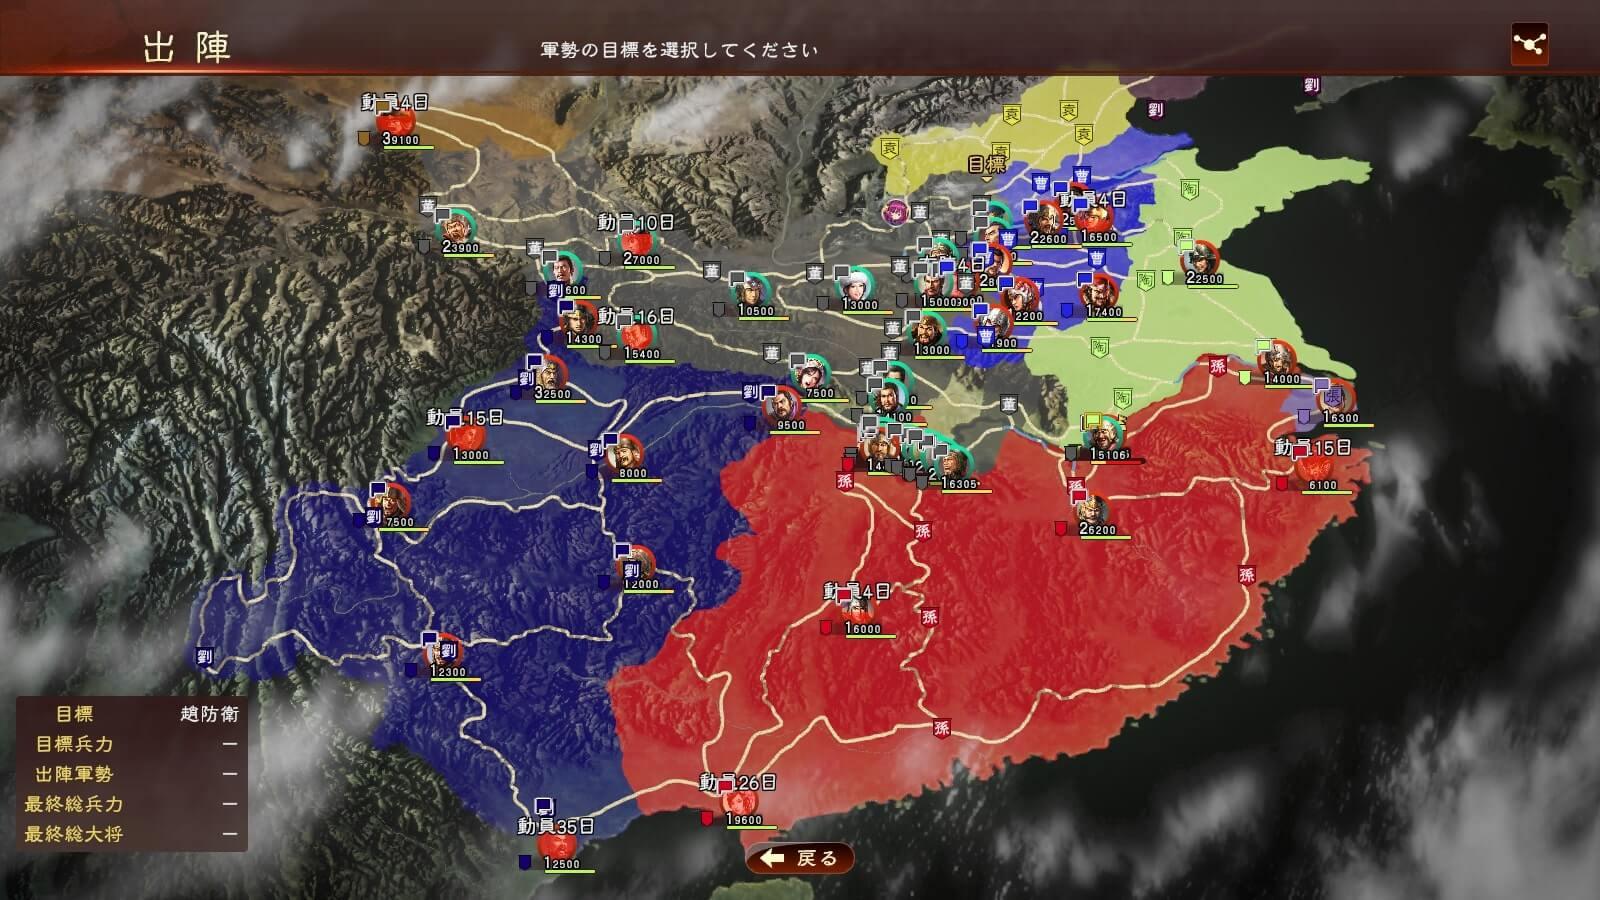 連合結成直後の大陸の状況